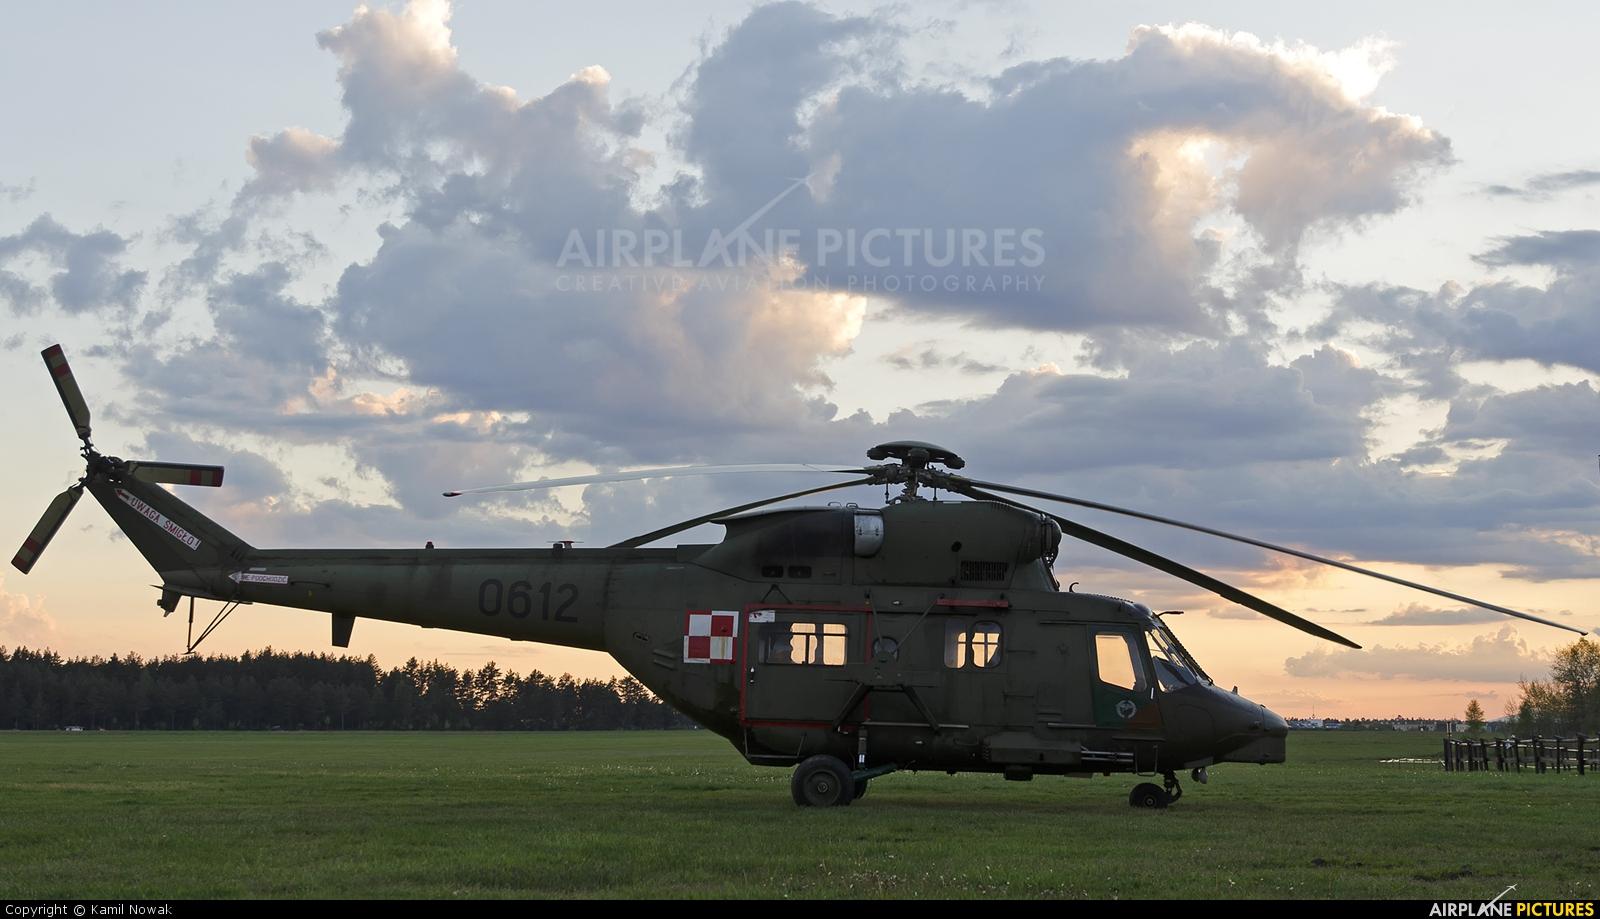 Poland - Army 0612 aircraft at Nowy Targ